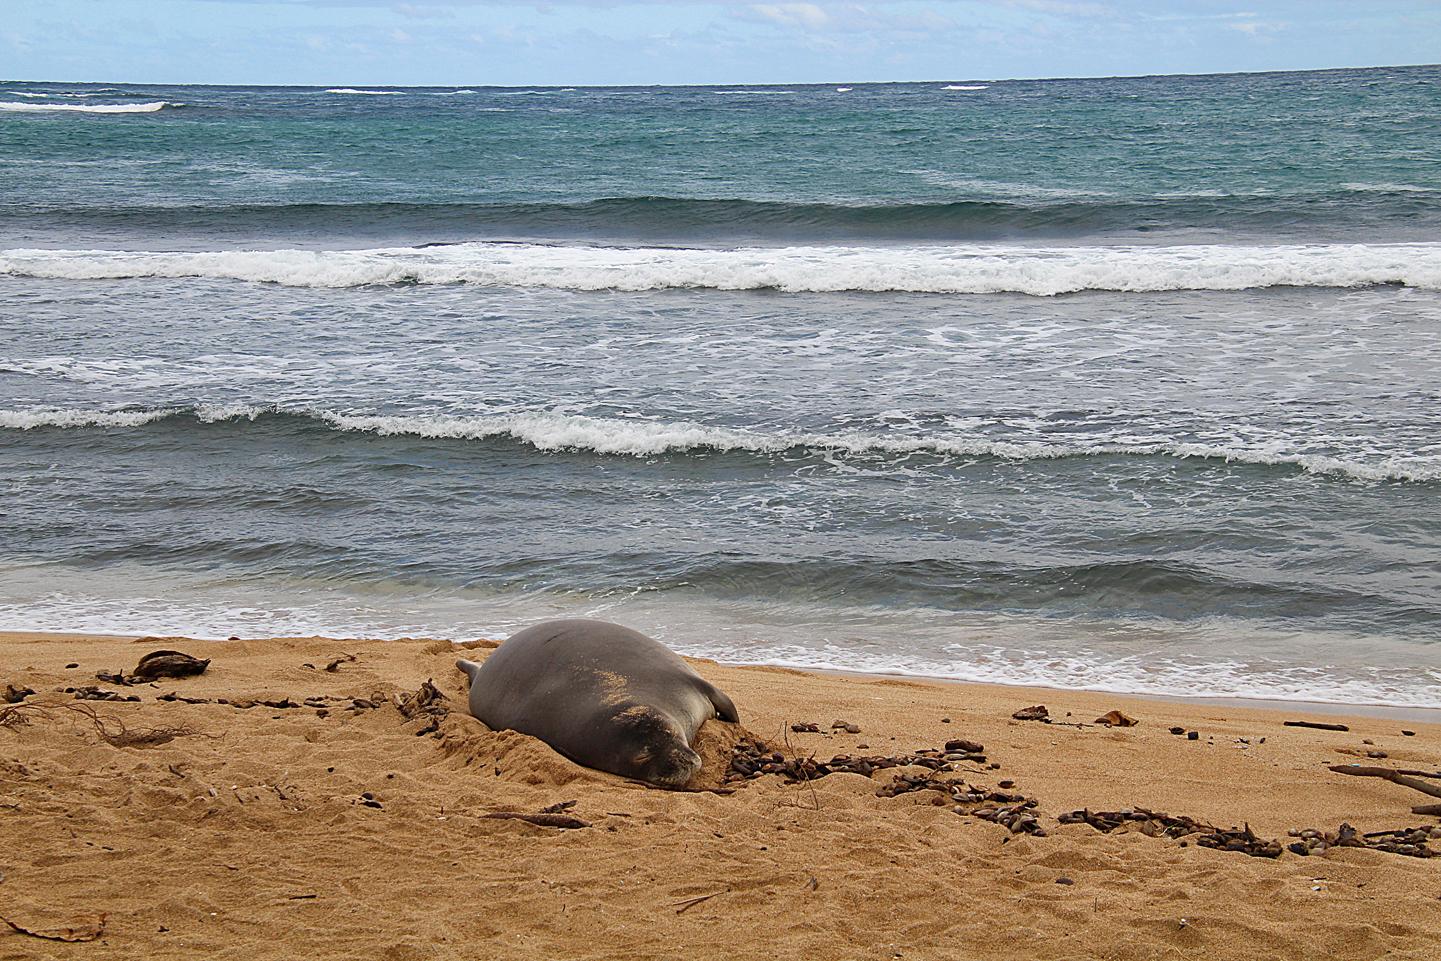 Hawaiian Monk Seal on the beach in Hau'ula.